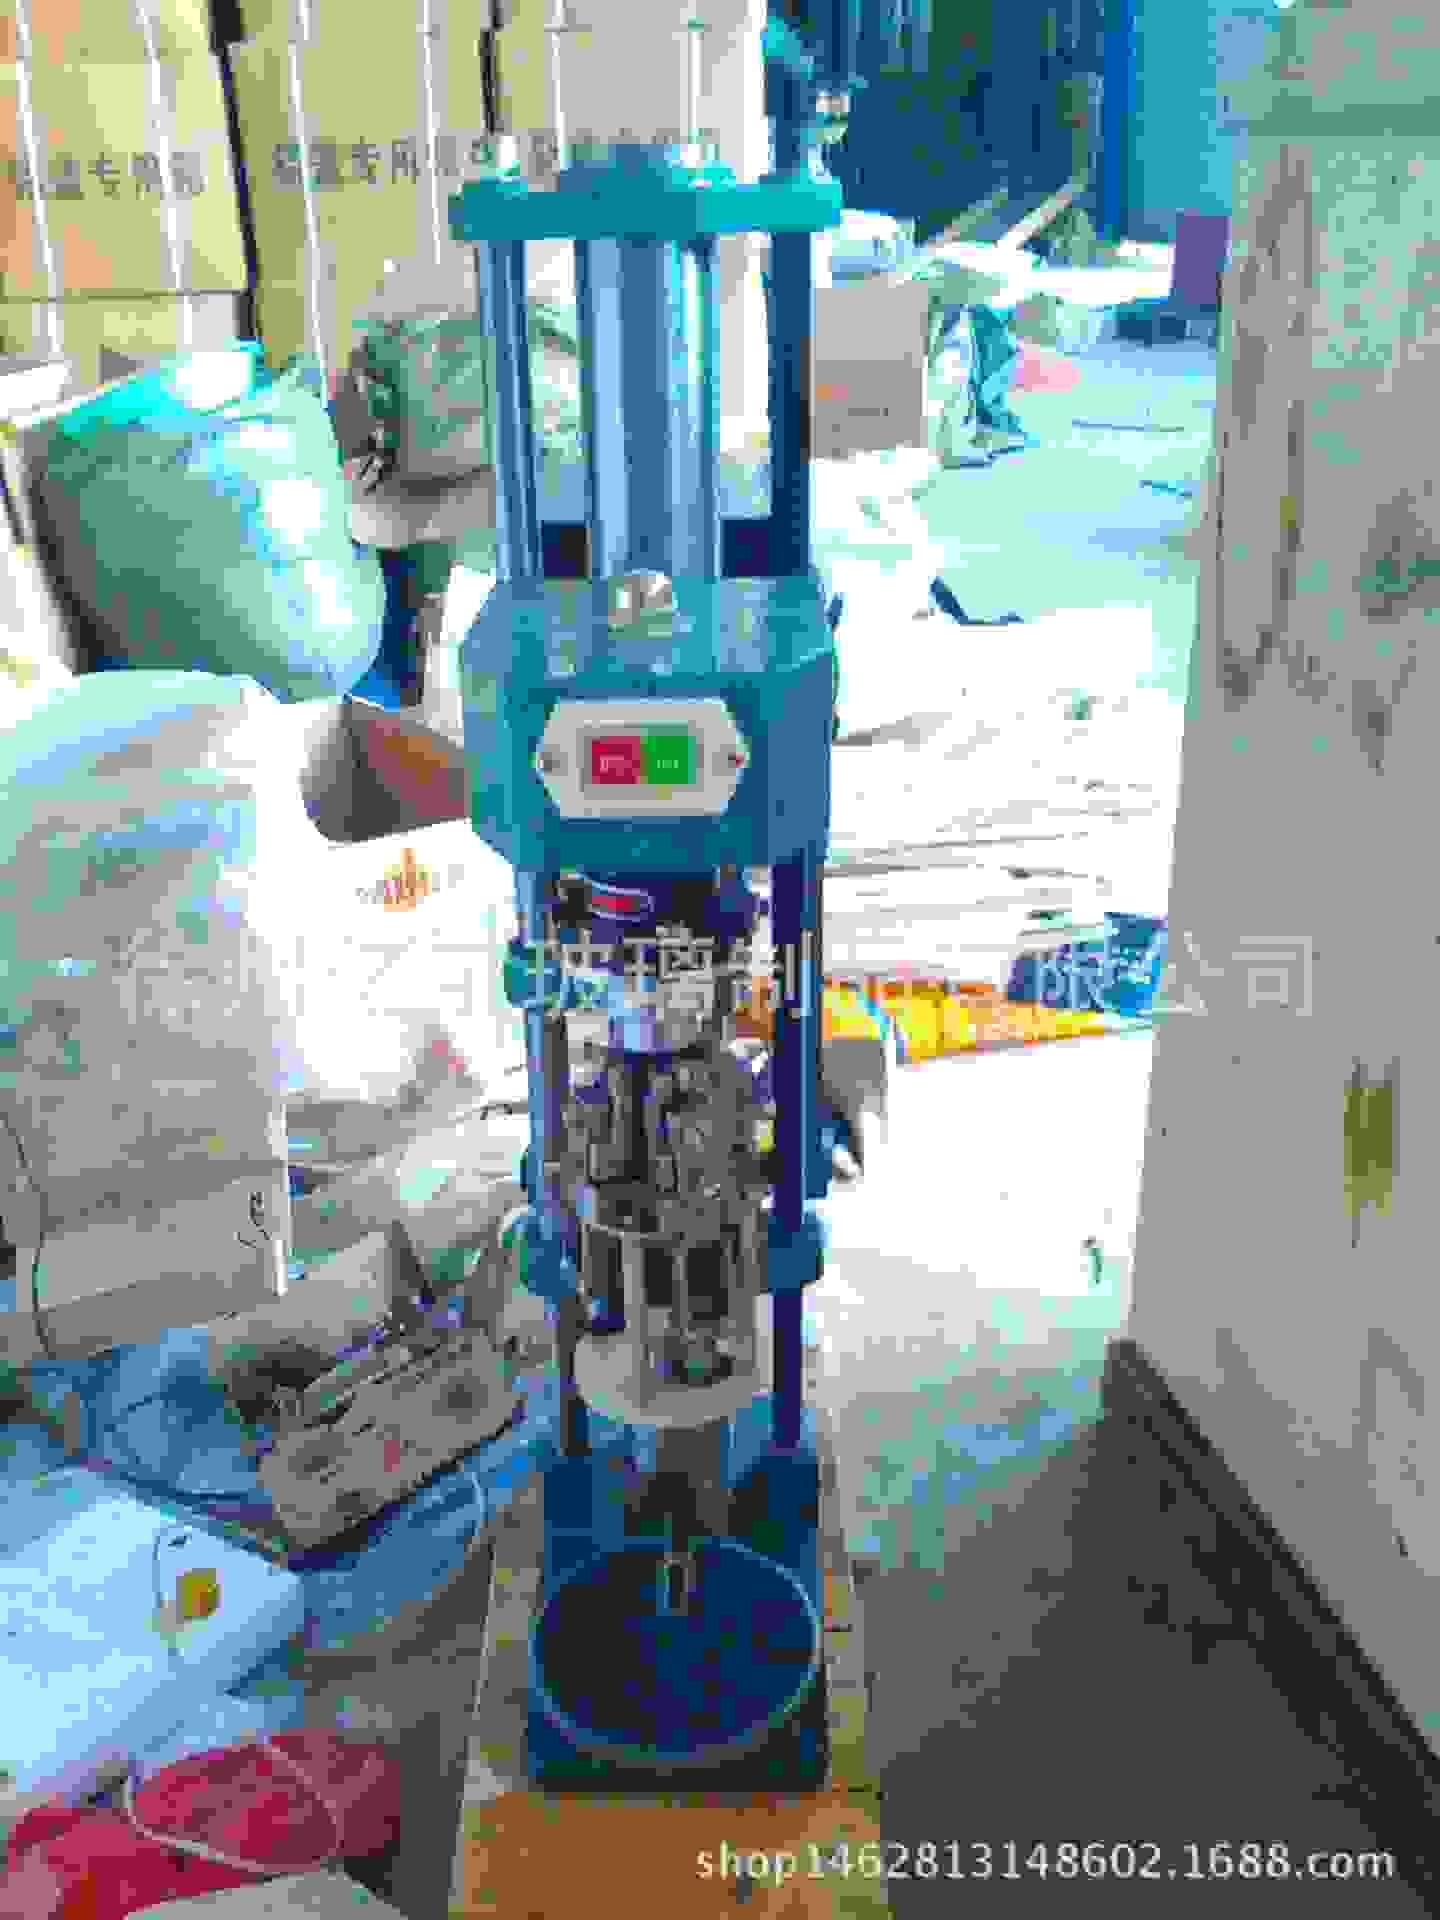 定做乳白茅台玻璃酒瓶太阳瓶茅形瓶1斤装半斤装125ml白色旺游乐设备江西有限公司图片